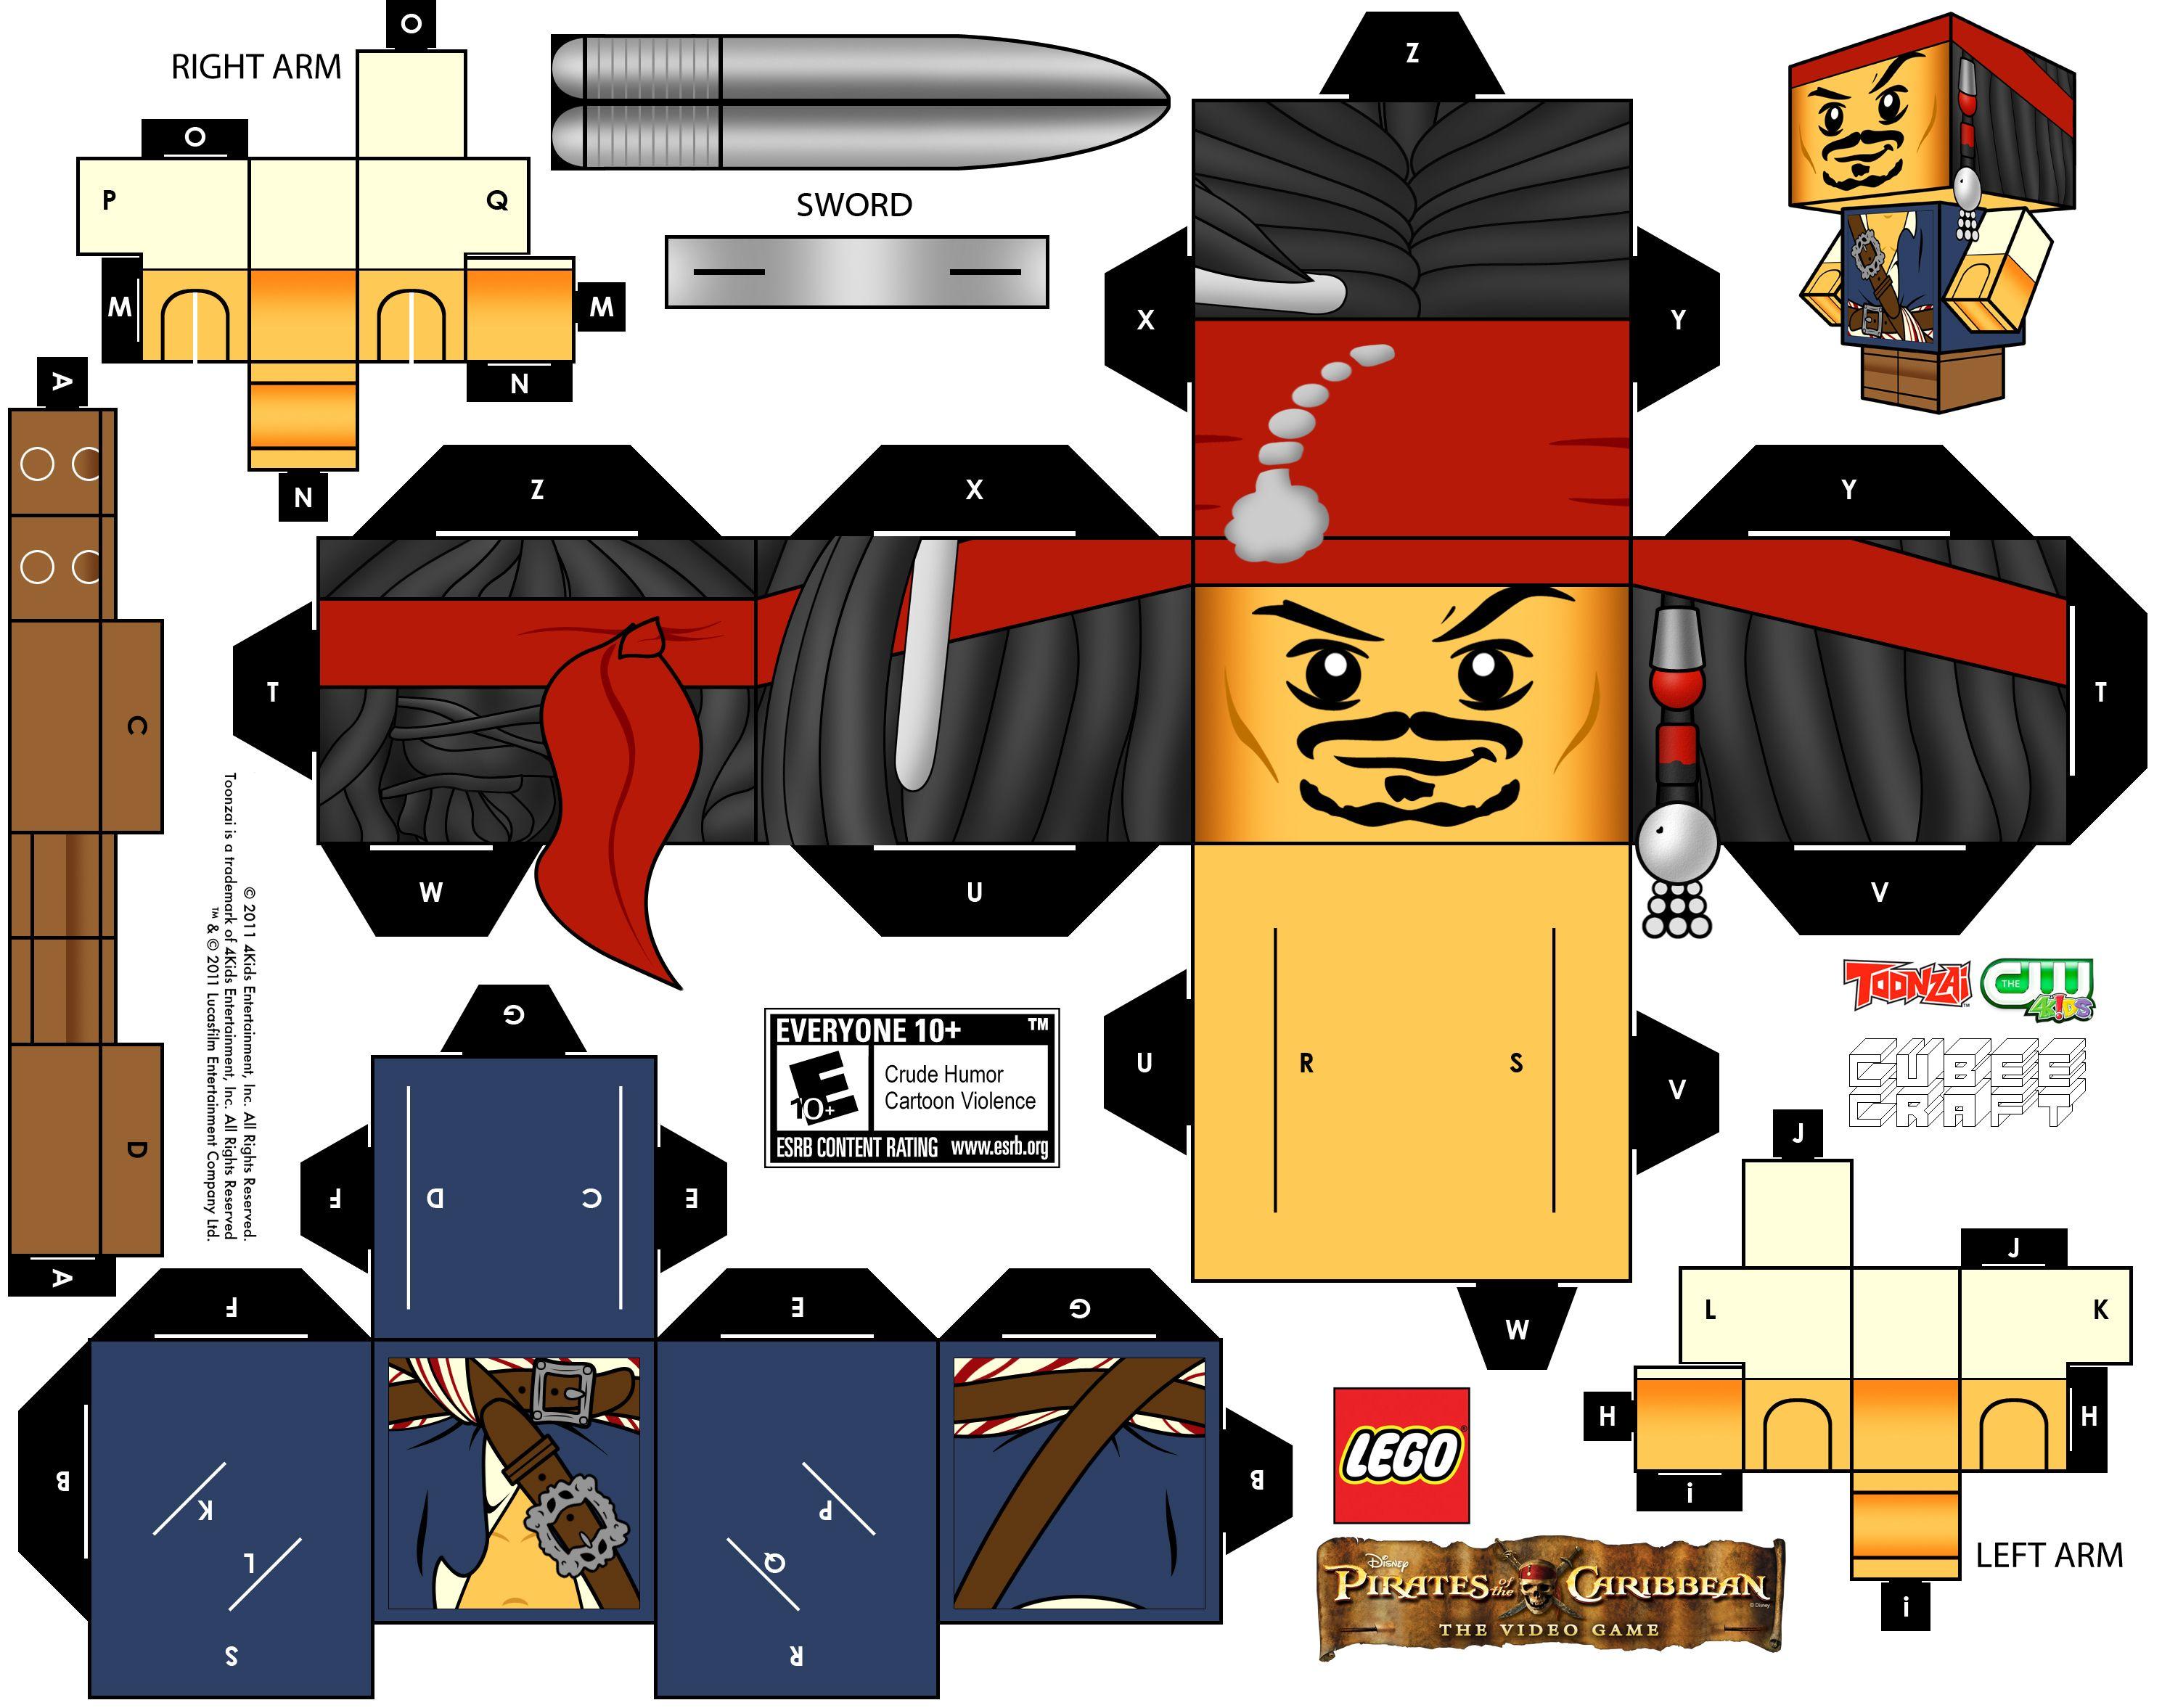 Lego Cubeecraft Jack Sparrow By Randyfivesix Deviantart Com On Deviantart Papierpuppen Piraten Party Bastelideen Kinder